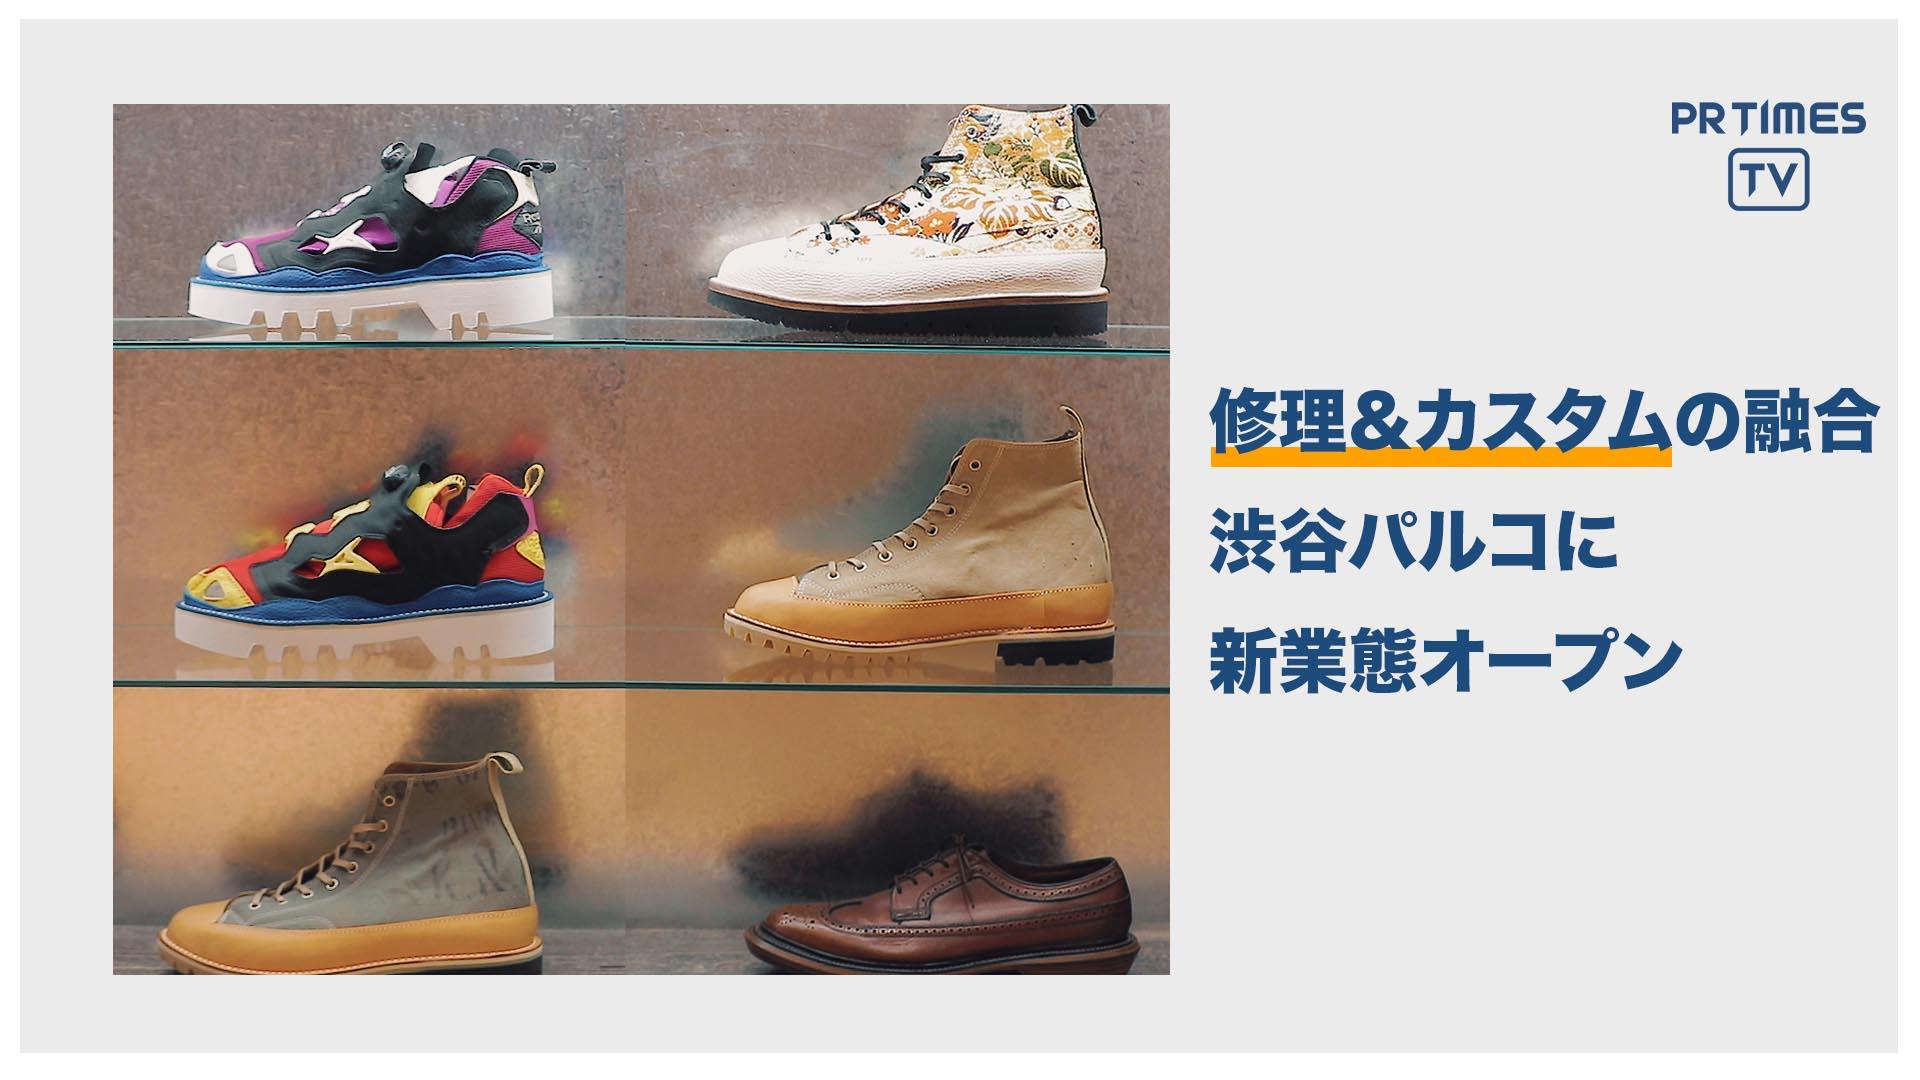 修理とカスタマイズを融合したショップ、「Re⇆STOCK」が新生渋谷パルコに登場